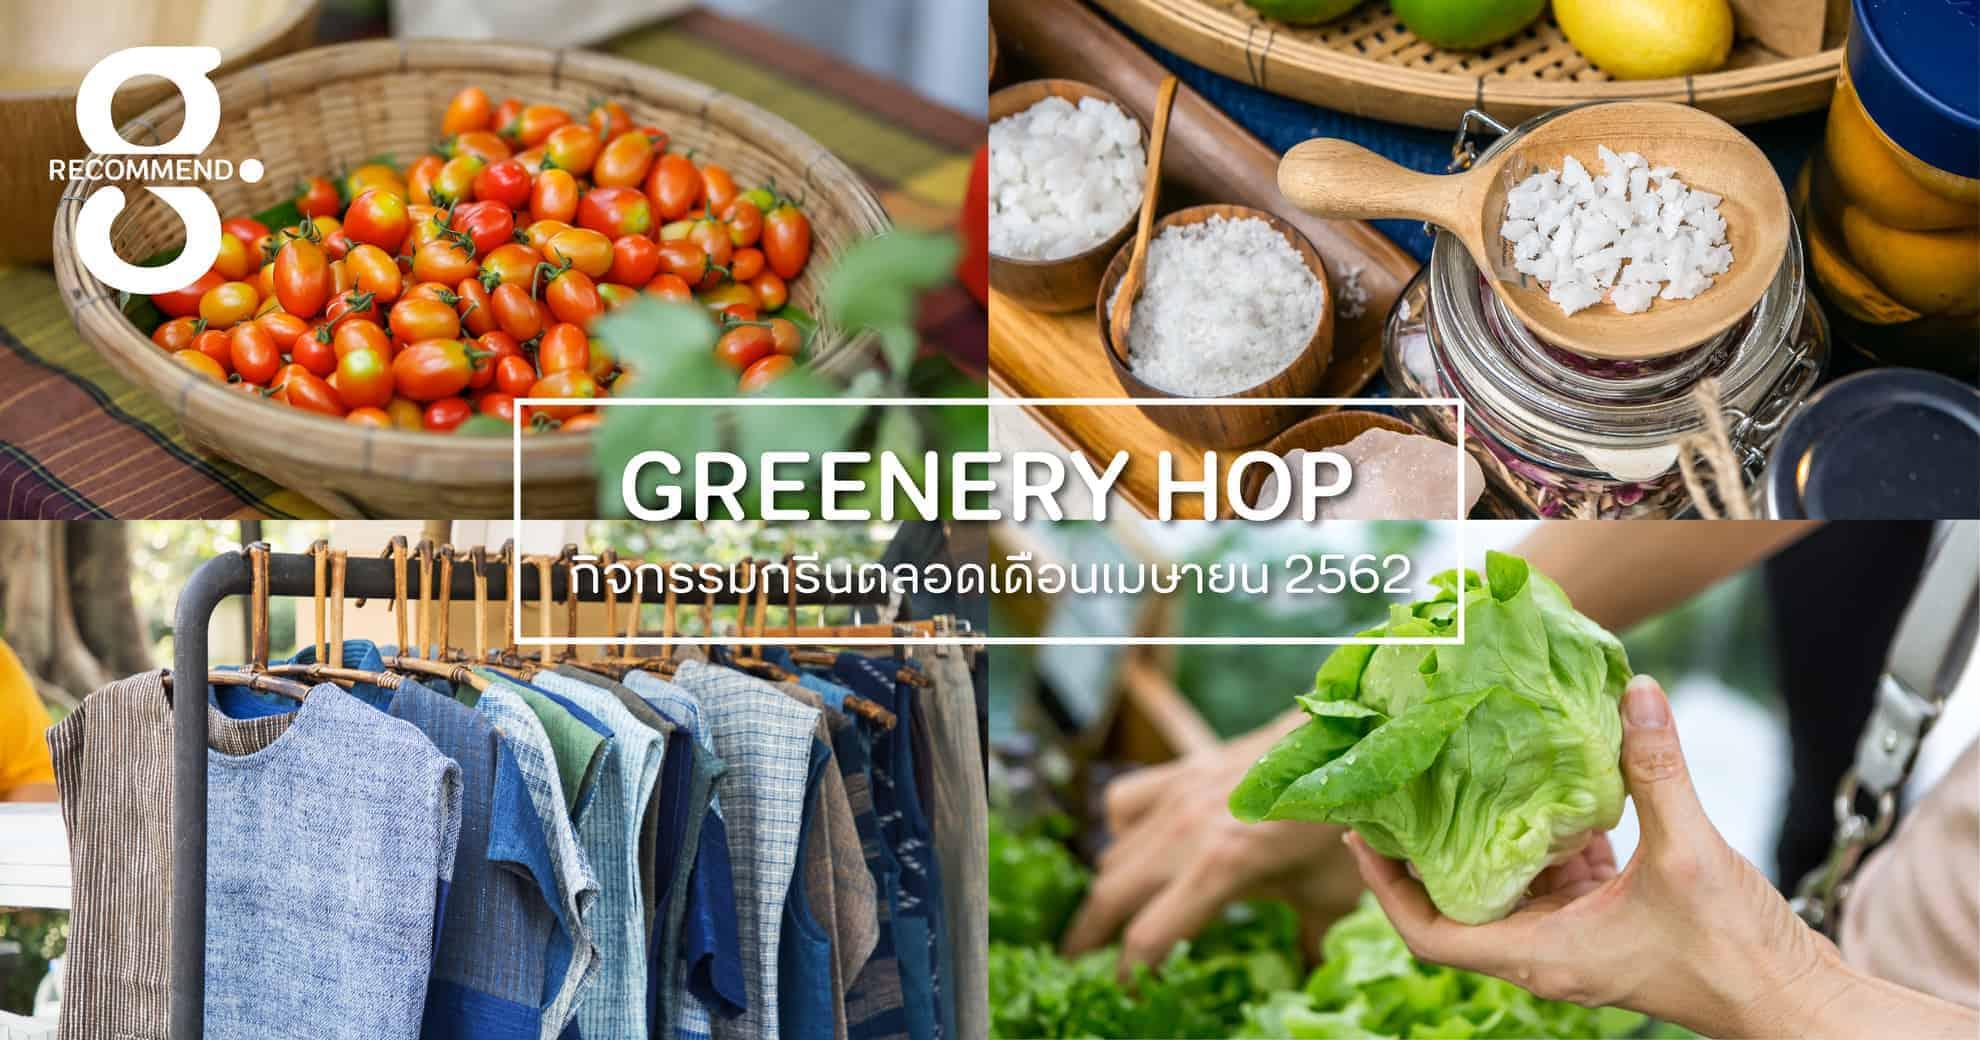 Greenery HOP: ซัมเมอร์นี้ ออกไปเติมความสดชื่นกับพืชผักใหม่ๆ จากสวน นานาผลไม้หน้าร้อน และวัตถุดิบดีๆ ในตลาดอินทรีย์กัน